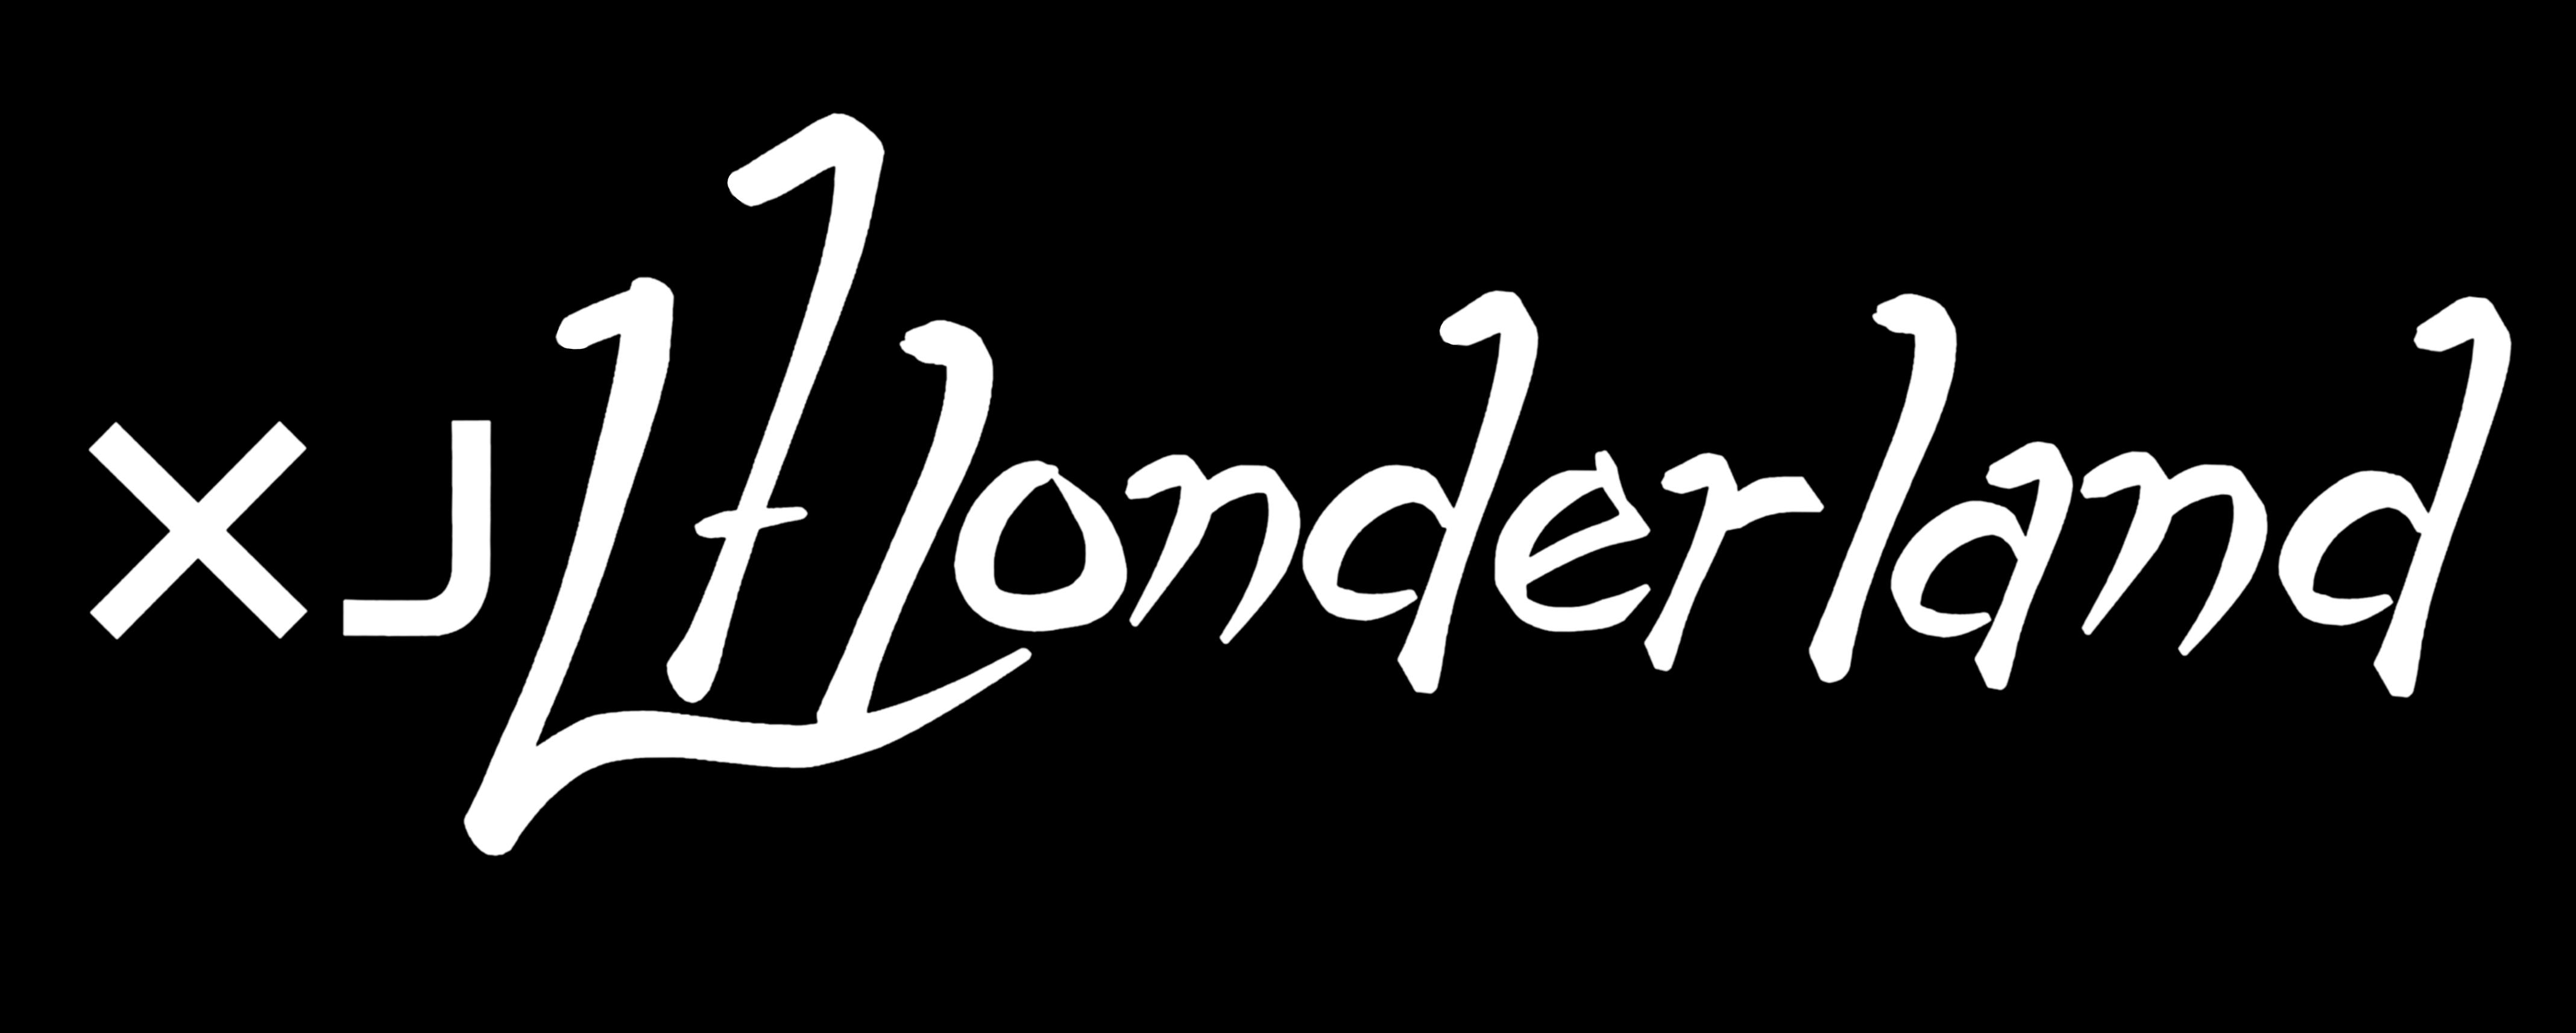 XJ Wonderland